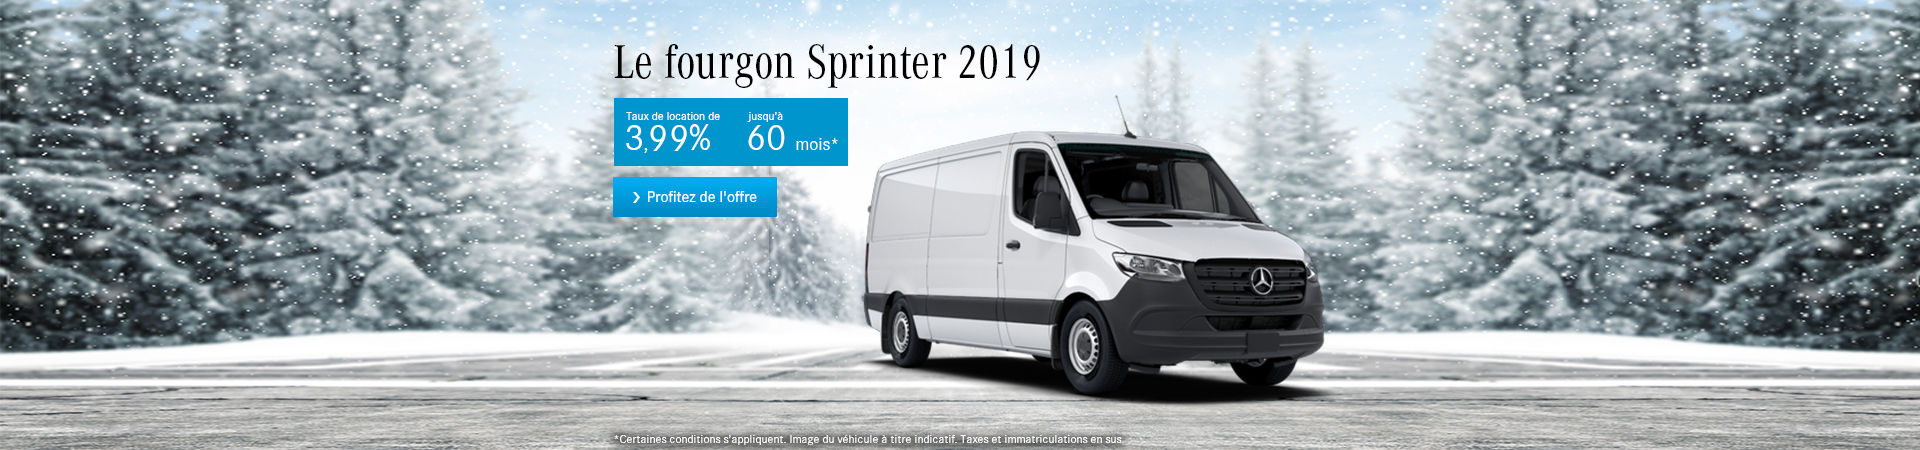 Le Fourgon Sprinter 2019-desktop